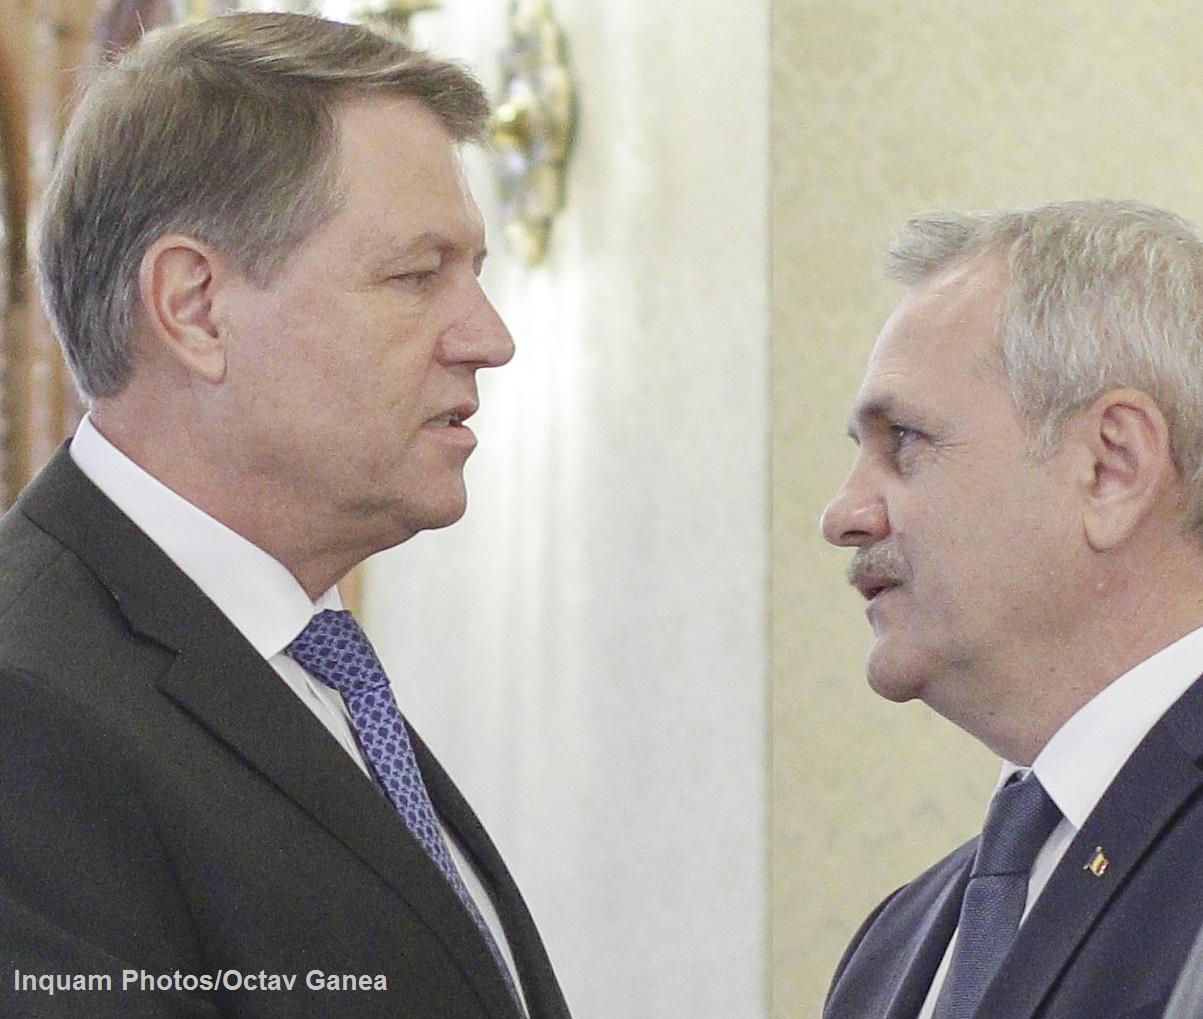 Photo of Iohannis propune referendum pentru grațiere. Dragnea: până la primăvară, referendum pentru protejarea familiei naturale prin Constituție